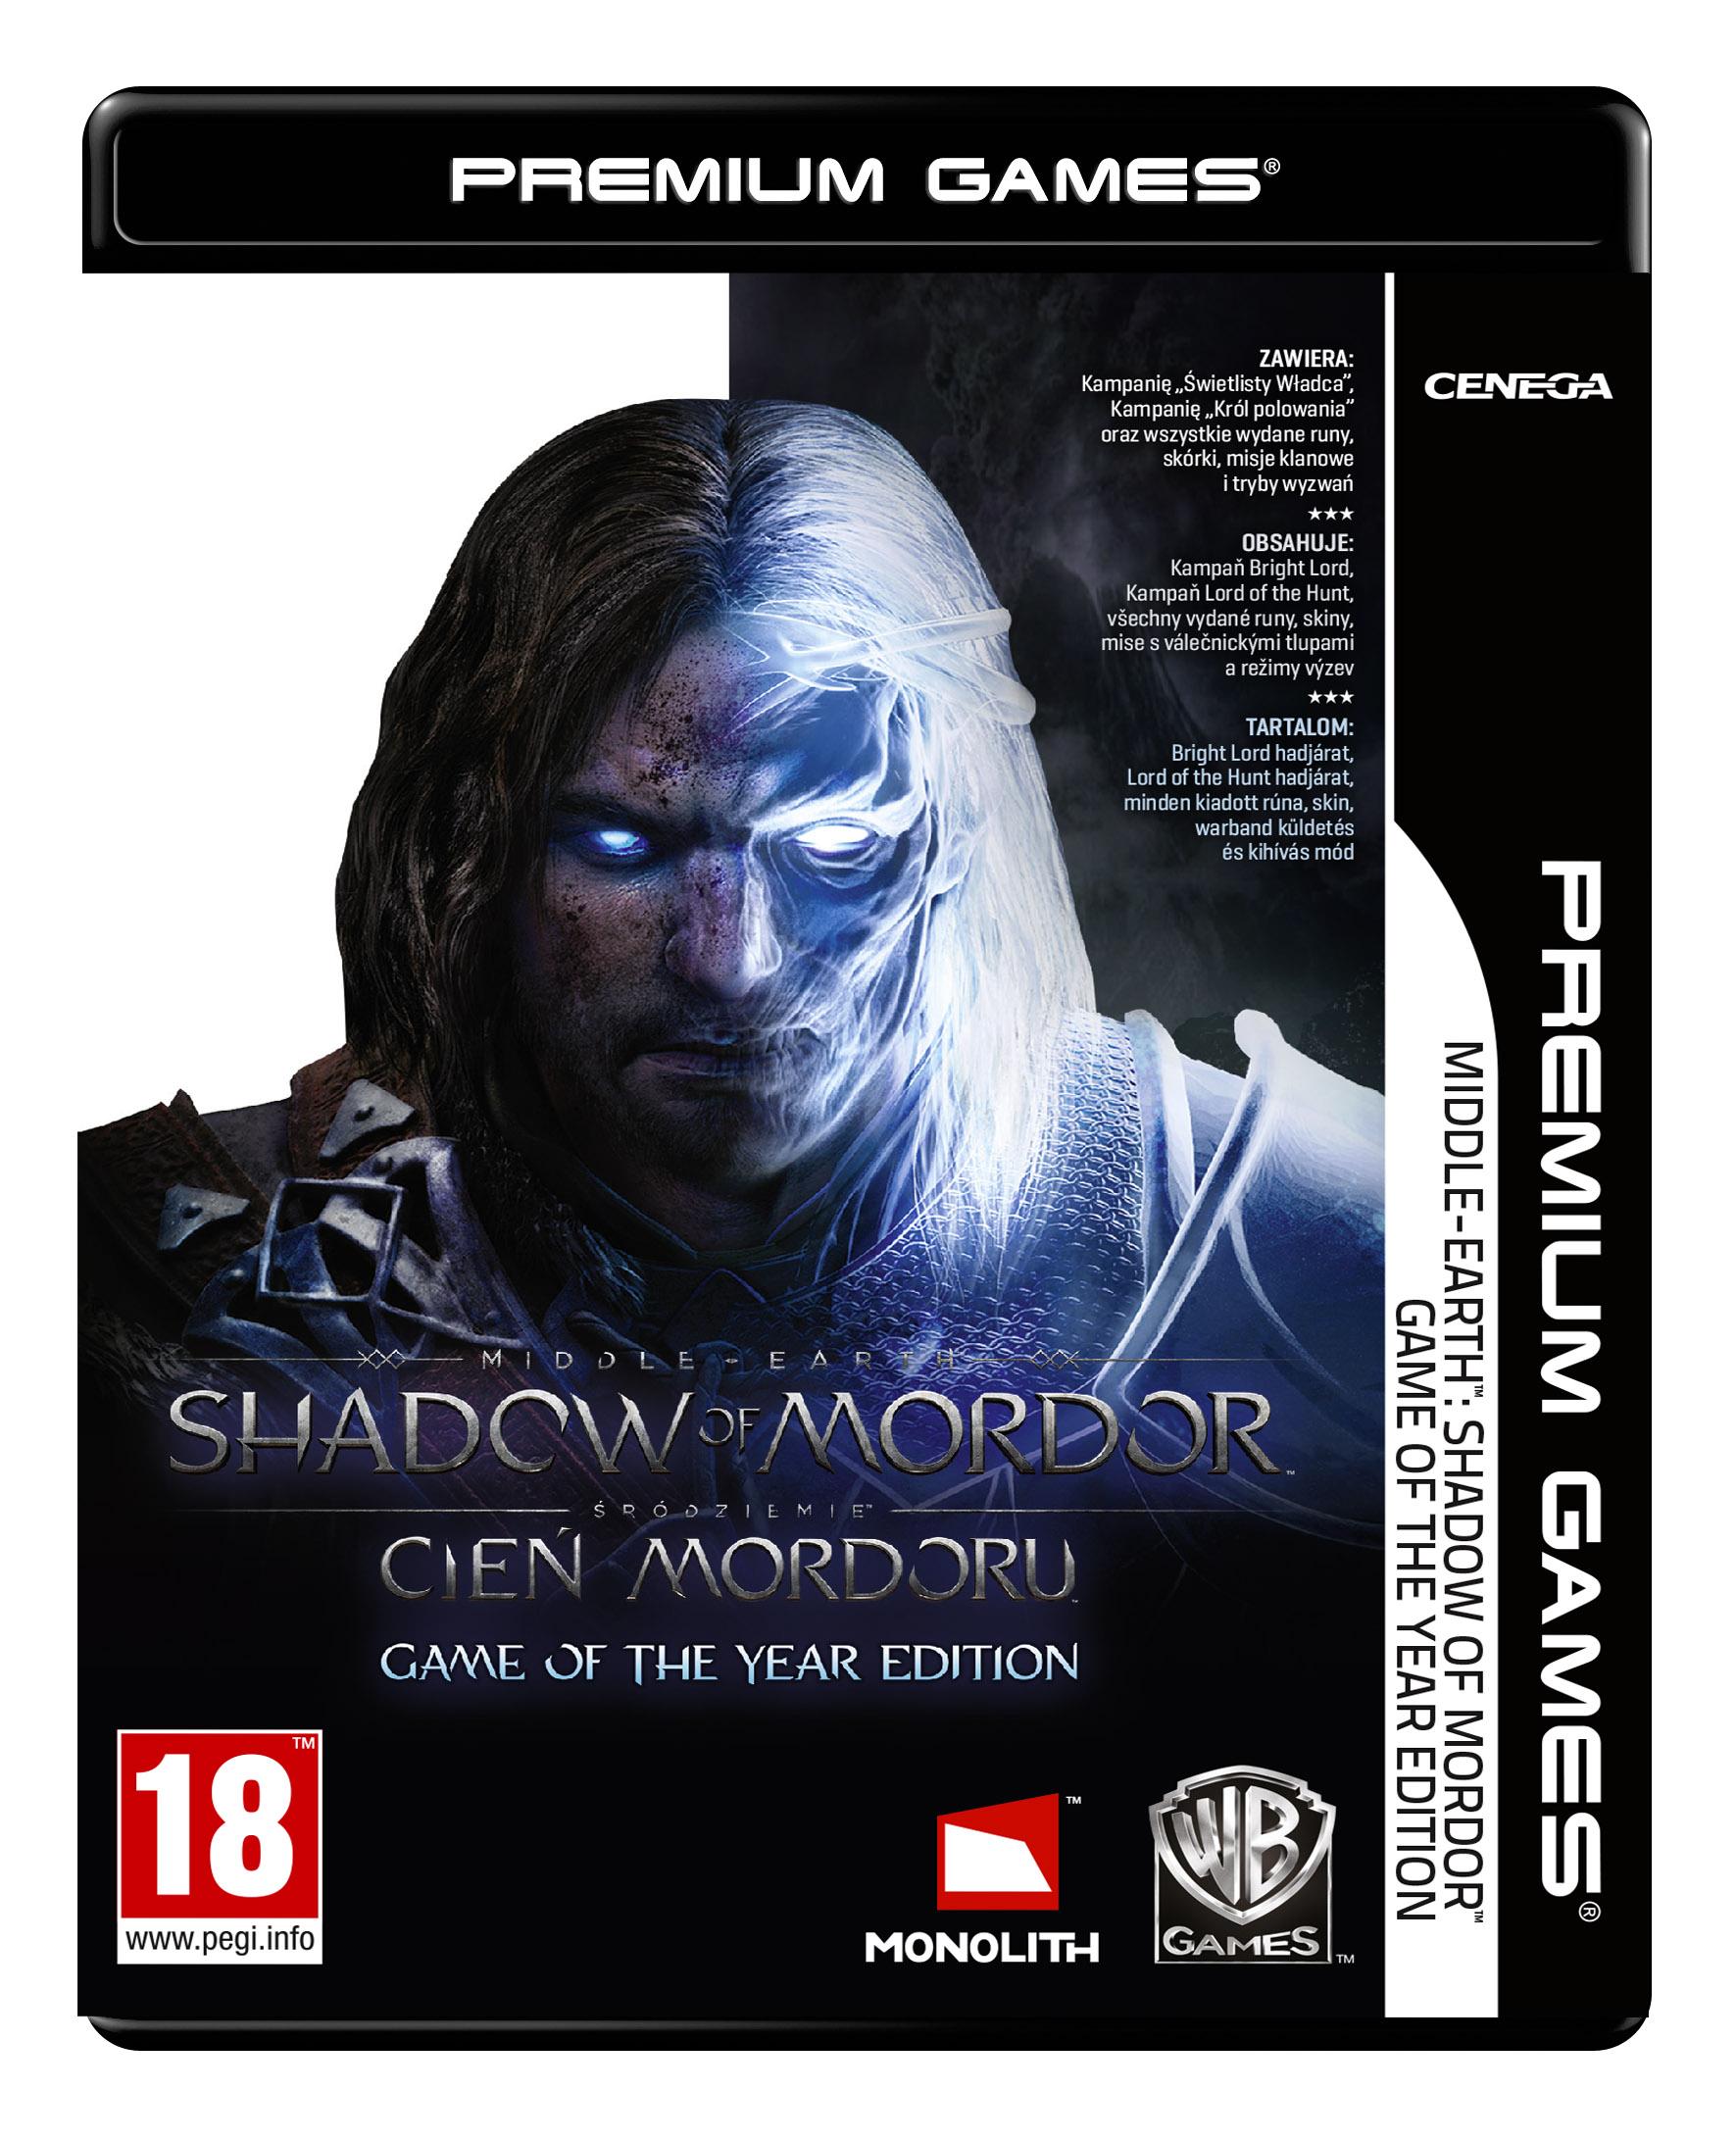 [NPG] Śródziemie: Cień Mordoru Game of the Year Edition (PC) PL